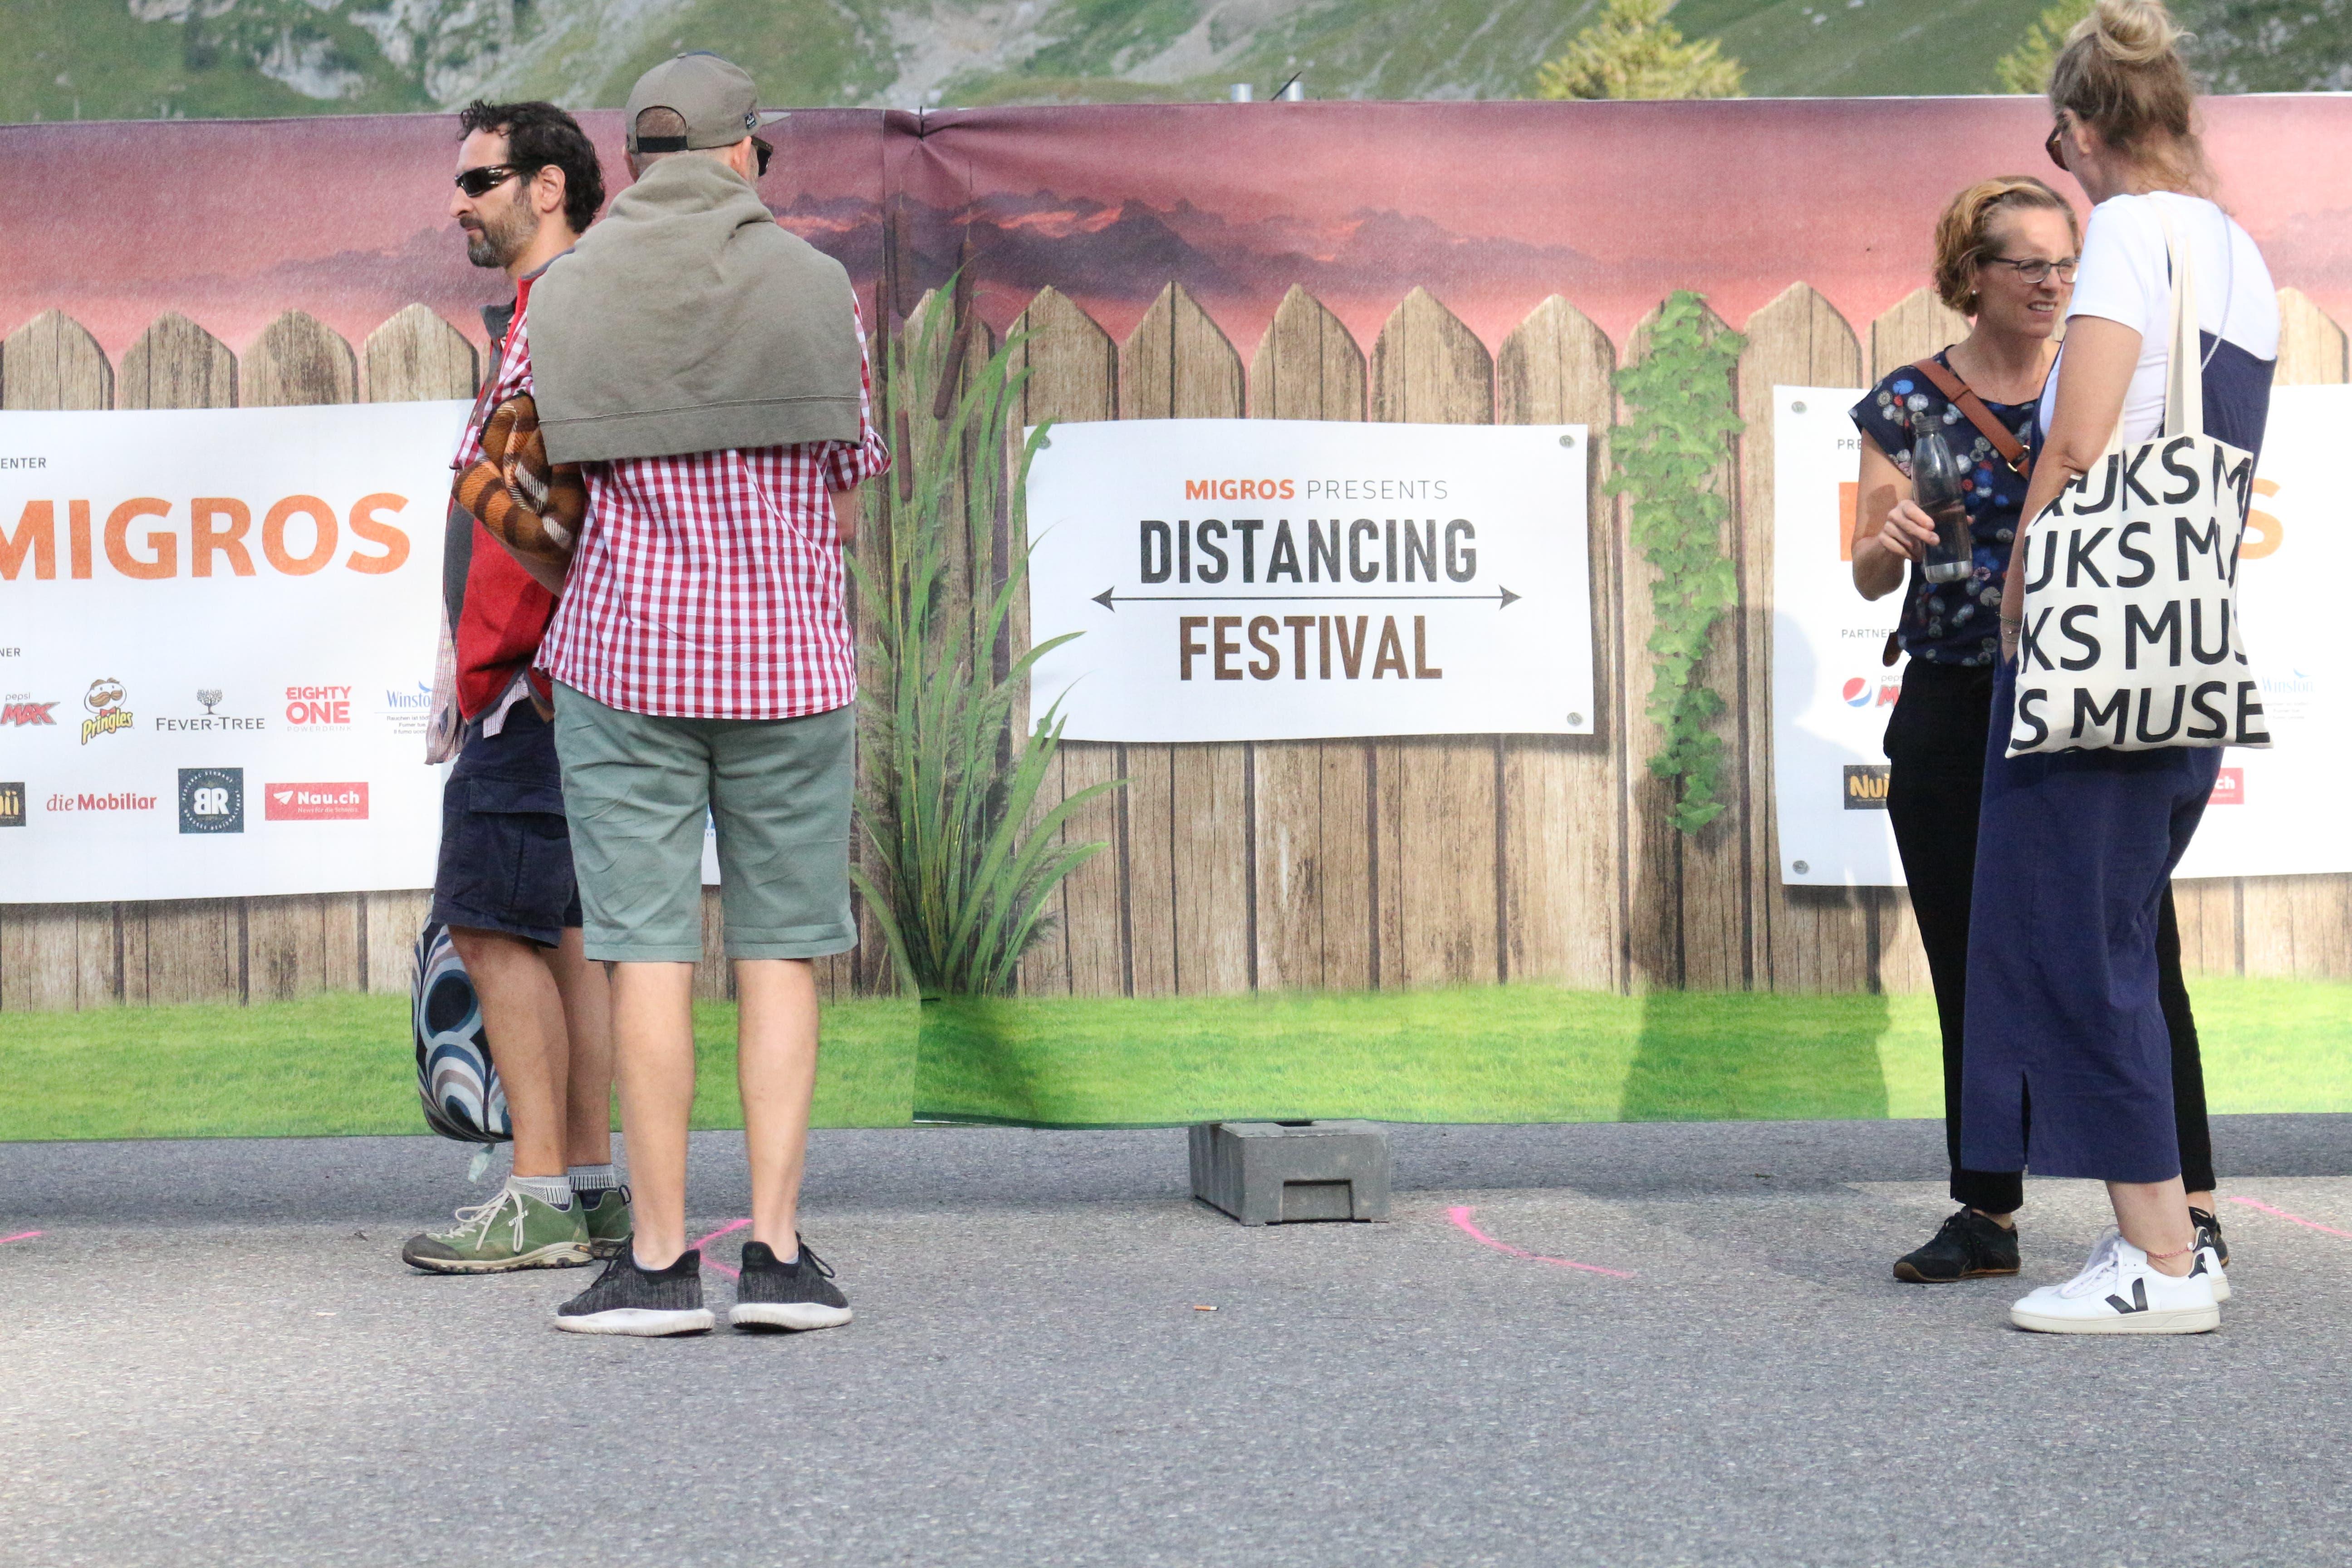 Sitzen statt stehen: Am Distancing Festival müssen die Besucher aufs Tanzen verzichten.